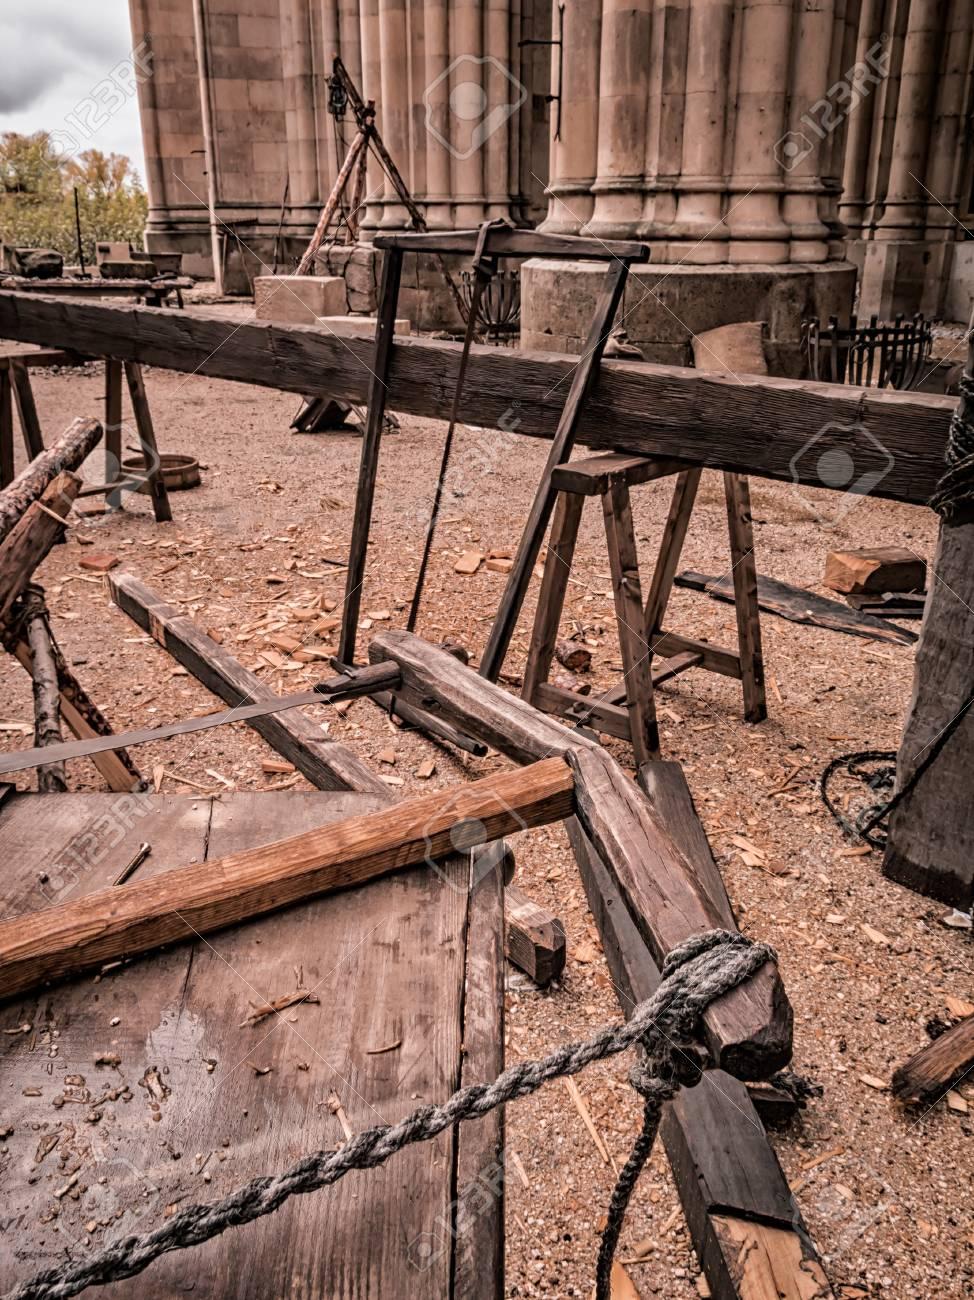 Alte Werkzeuge Eines Handwerkers Sägewerk: Säge, Seile, Holz ...